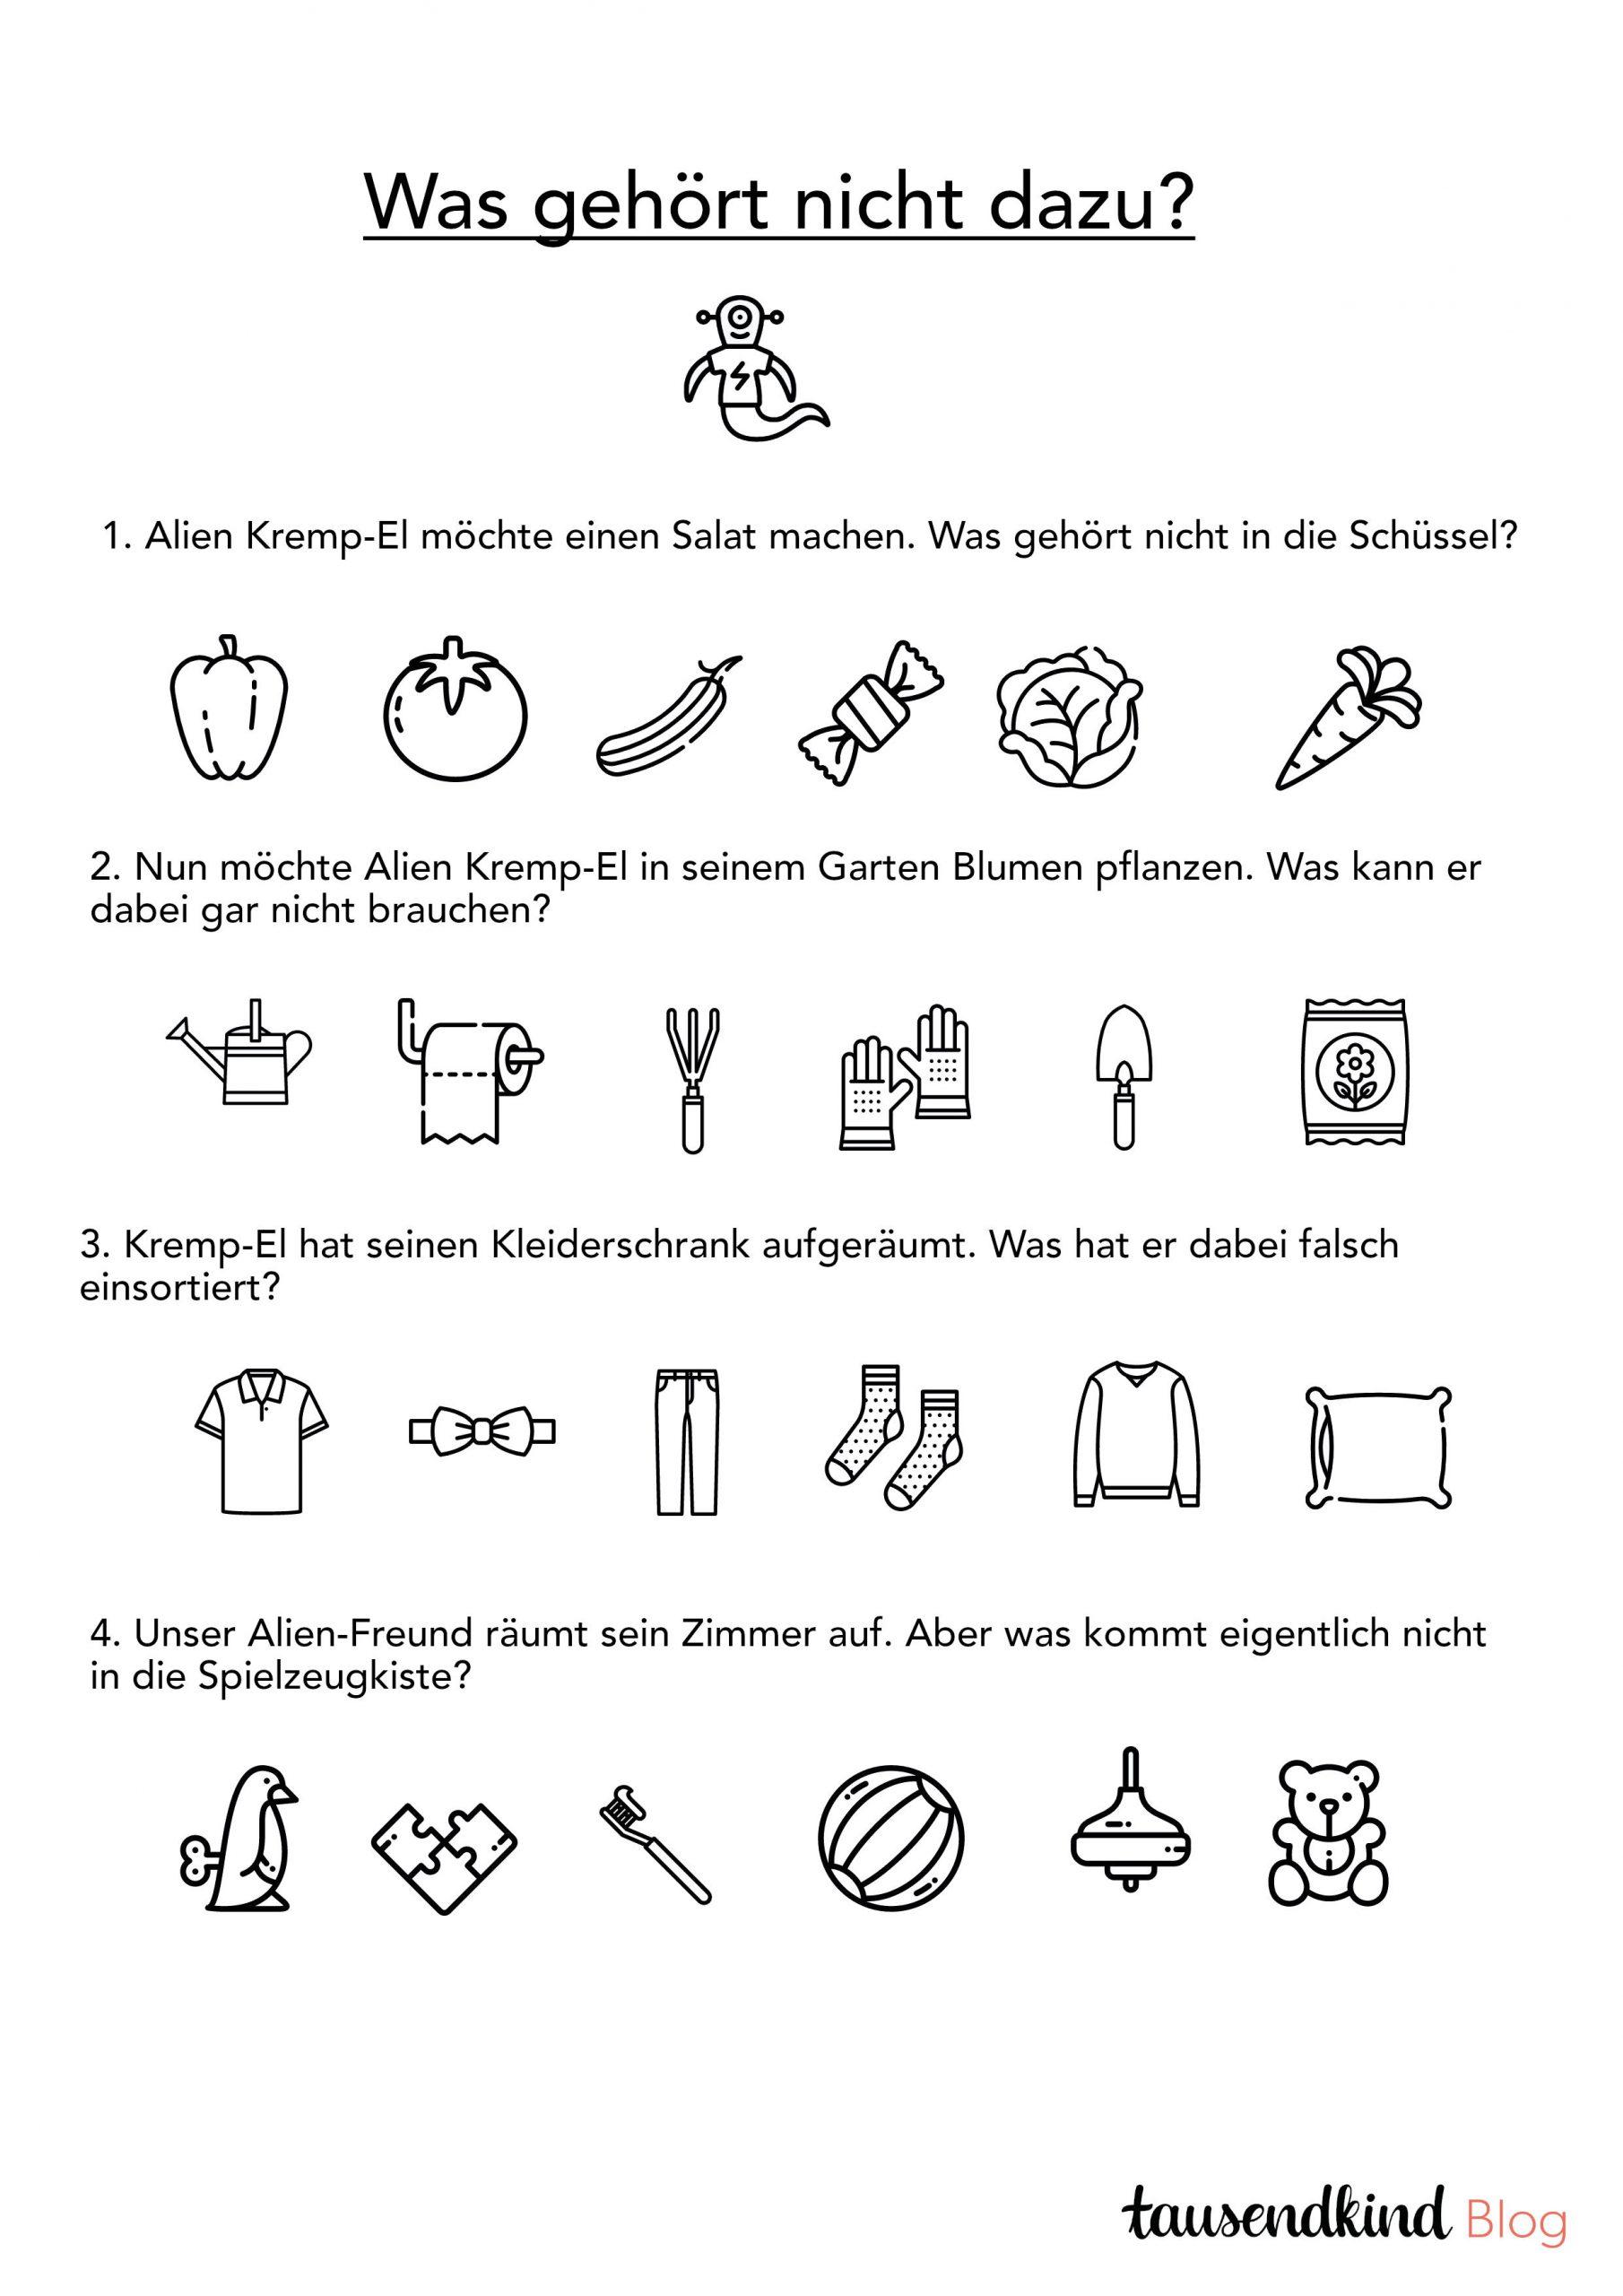 Rätsel Für Kinder Zum Ausdrucken - 5 Varianten Gegen Die ganzes Rätsel Für Kindergeburtstag